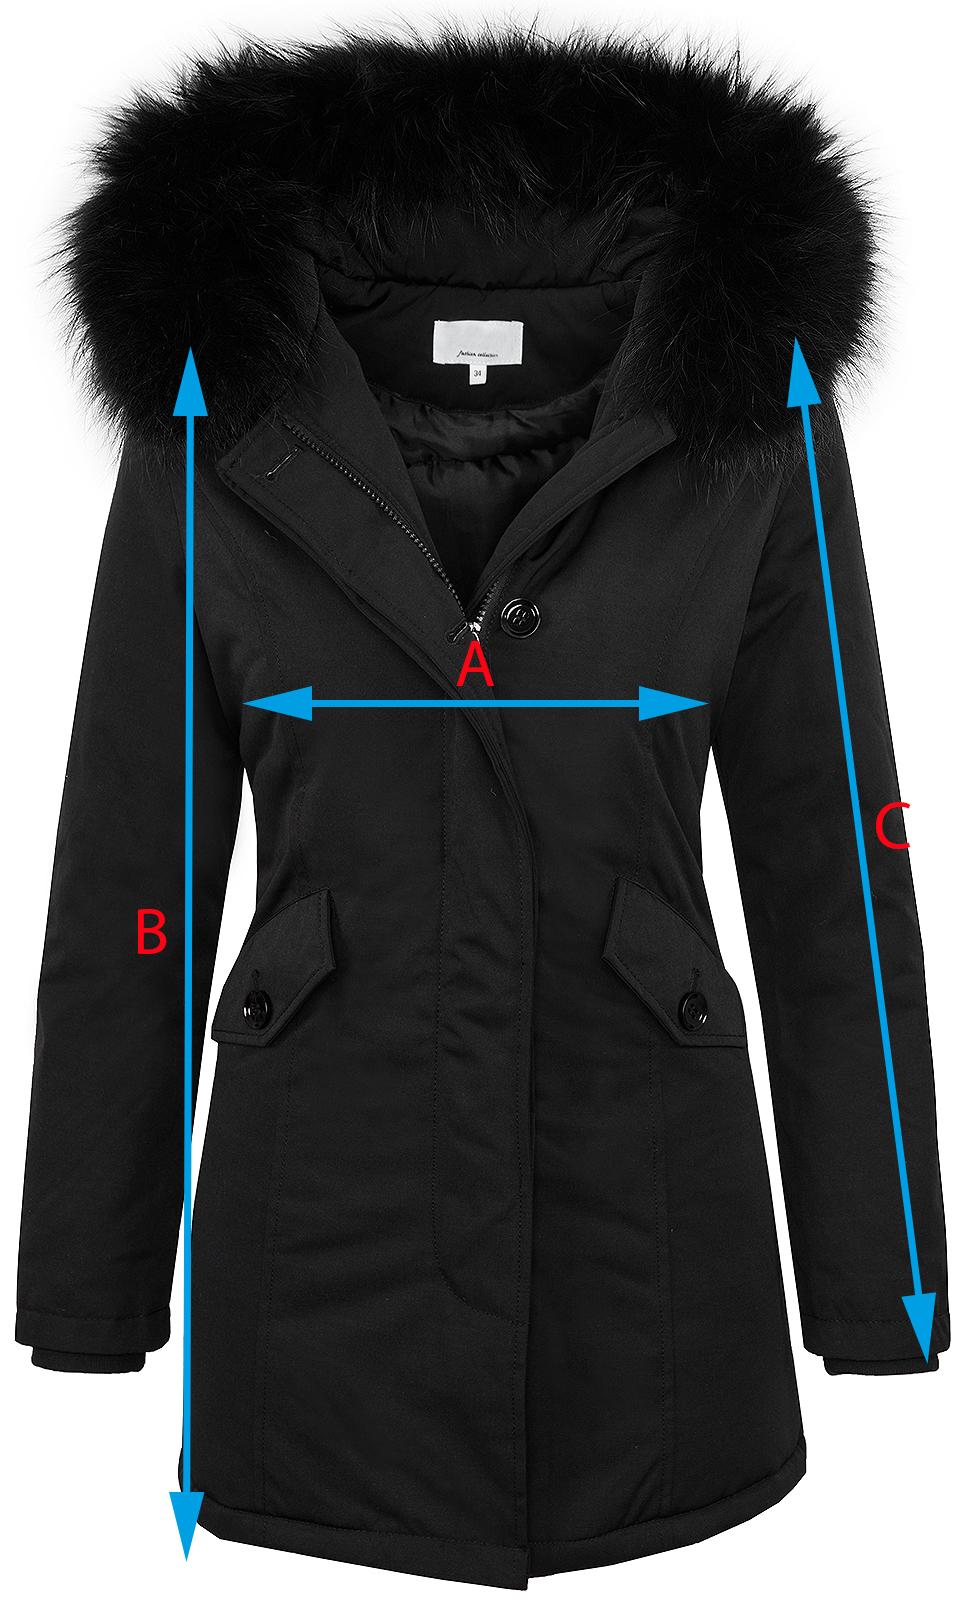 designer damen winter jacke parka mantel winterjacke. Black Bedroom Furniture Sets. Home Design Ideas